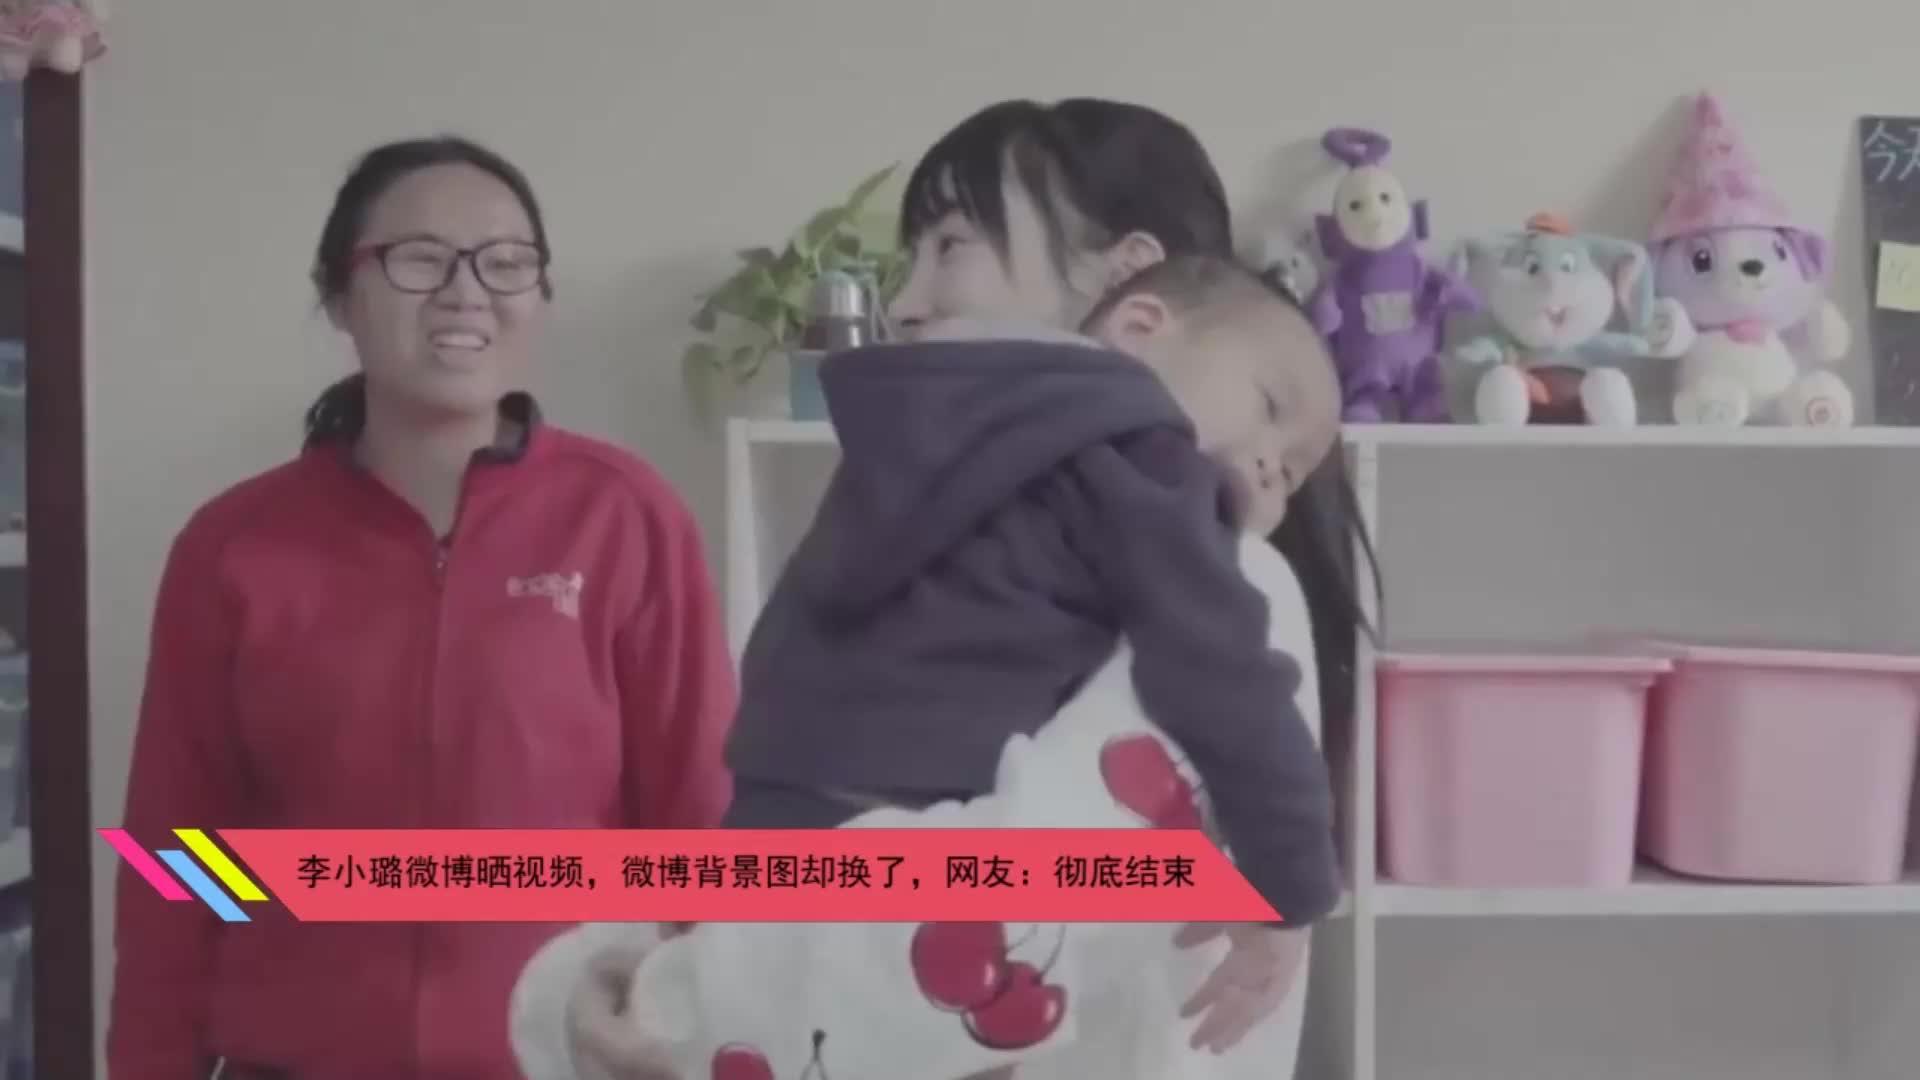 李小璐微博晒视频微博背景图却换了网友彻底结束